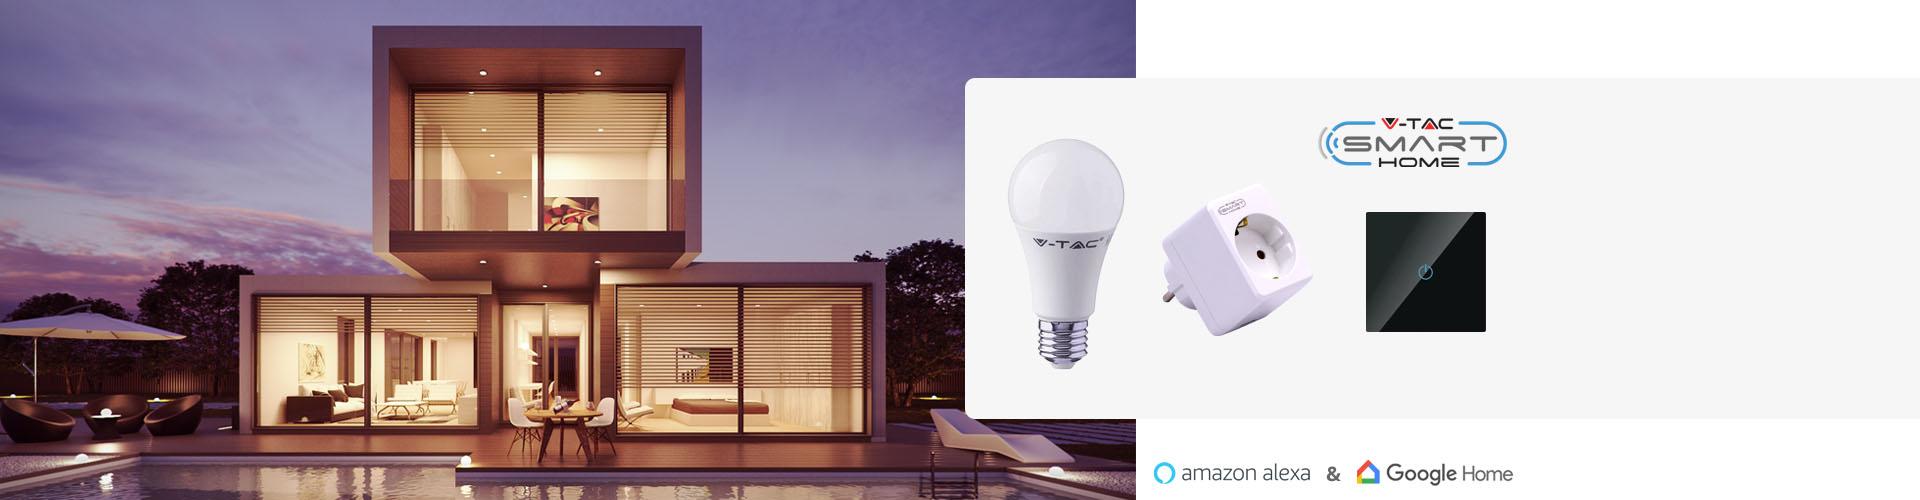 Rendi la tua casa SMART con i prodotti V-TAC